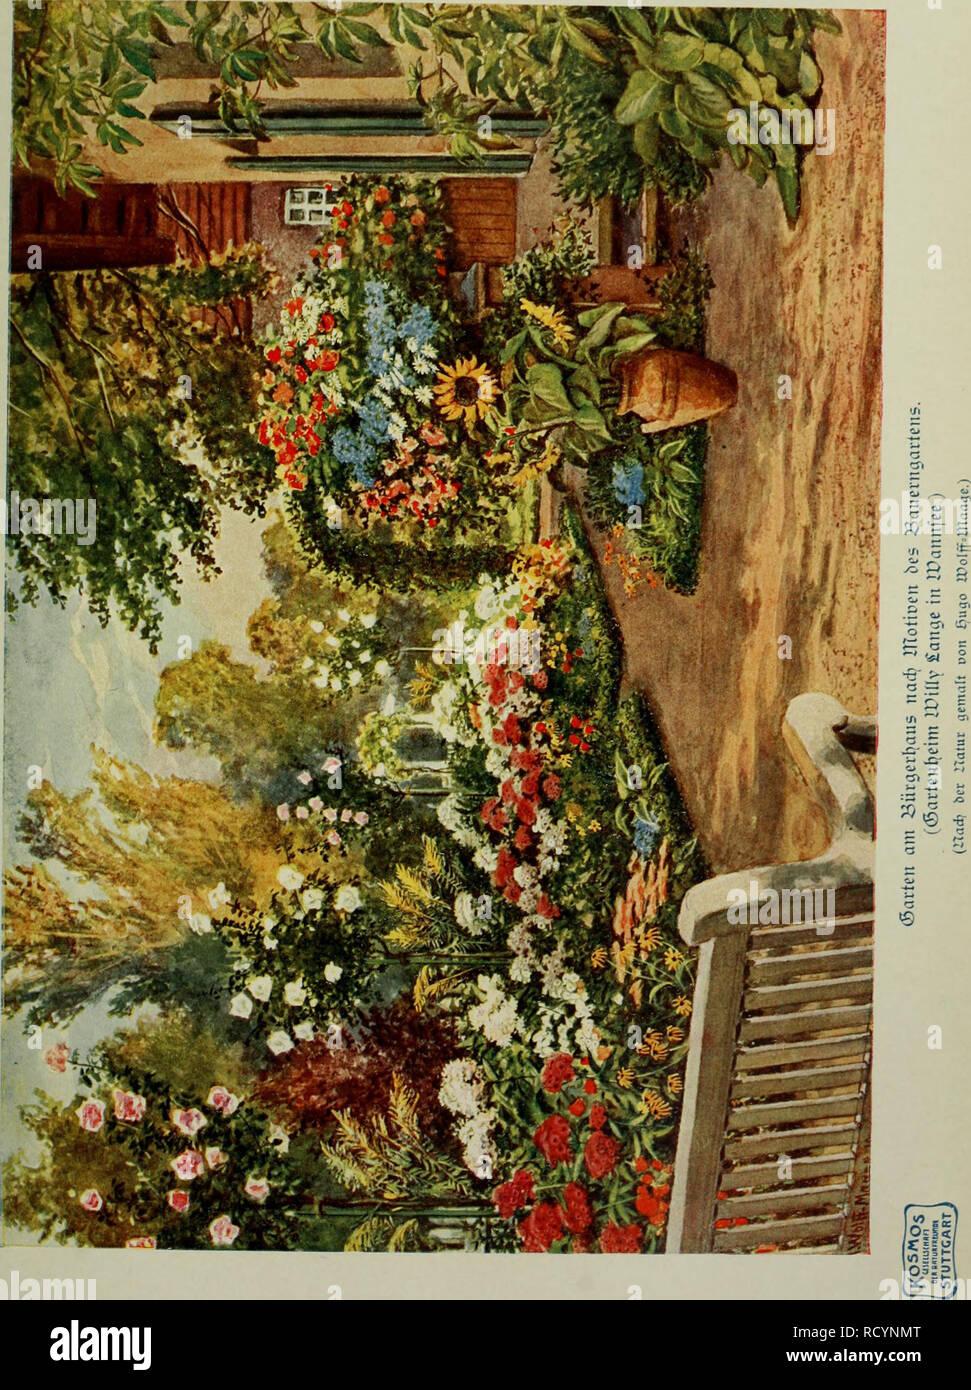 . Das Leben der Pflanze. Les plantes; plantes; plantes; phytogéographie. . Veuillez noter que ces images sont extraites de la page numérisée des images qui peuvent avoir été retouchées numériquement pour plus de lisibilité - coloration et l'aspect de ces illustrations ne peut pas parfaitement ressembler à l'œuvre originale.. Francé, R. H. (Raoul Heinrich), 1874-1943; Gothan, Walther Ulrich Eduard Friedrich, 1879-1954; Lange, Willy, 1864-. Stuttgart, Kosmos, Gesellschaft der Naturfreunde Banque D'Images